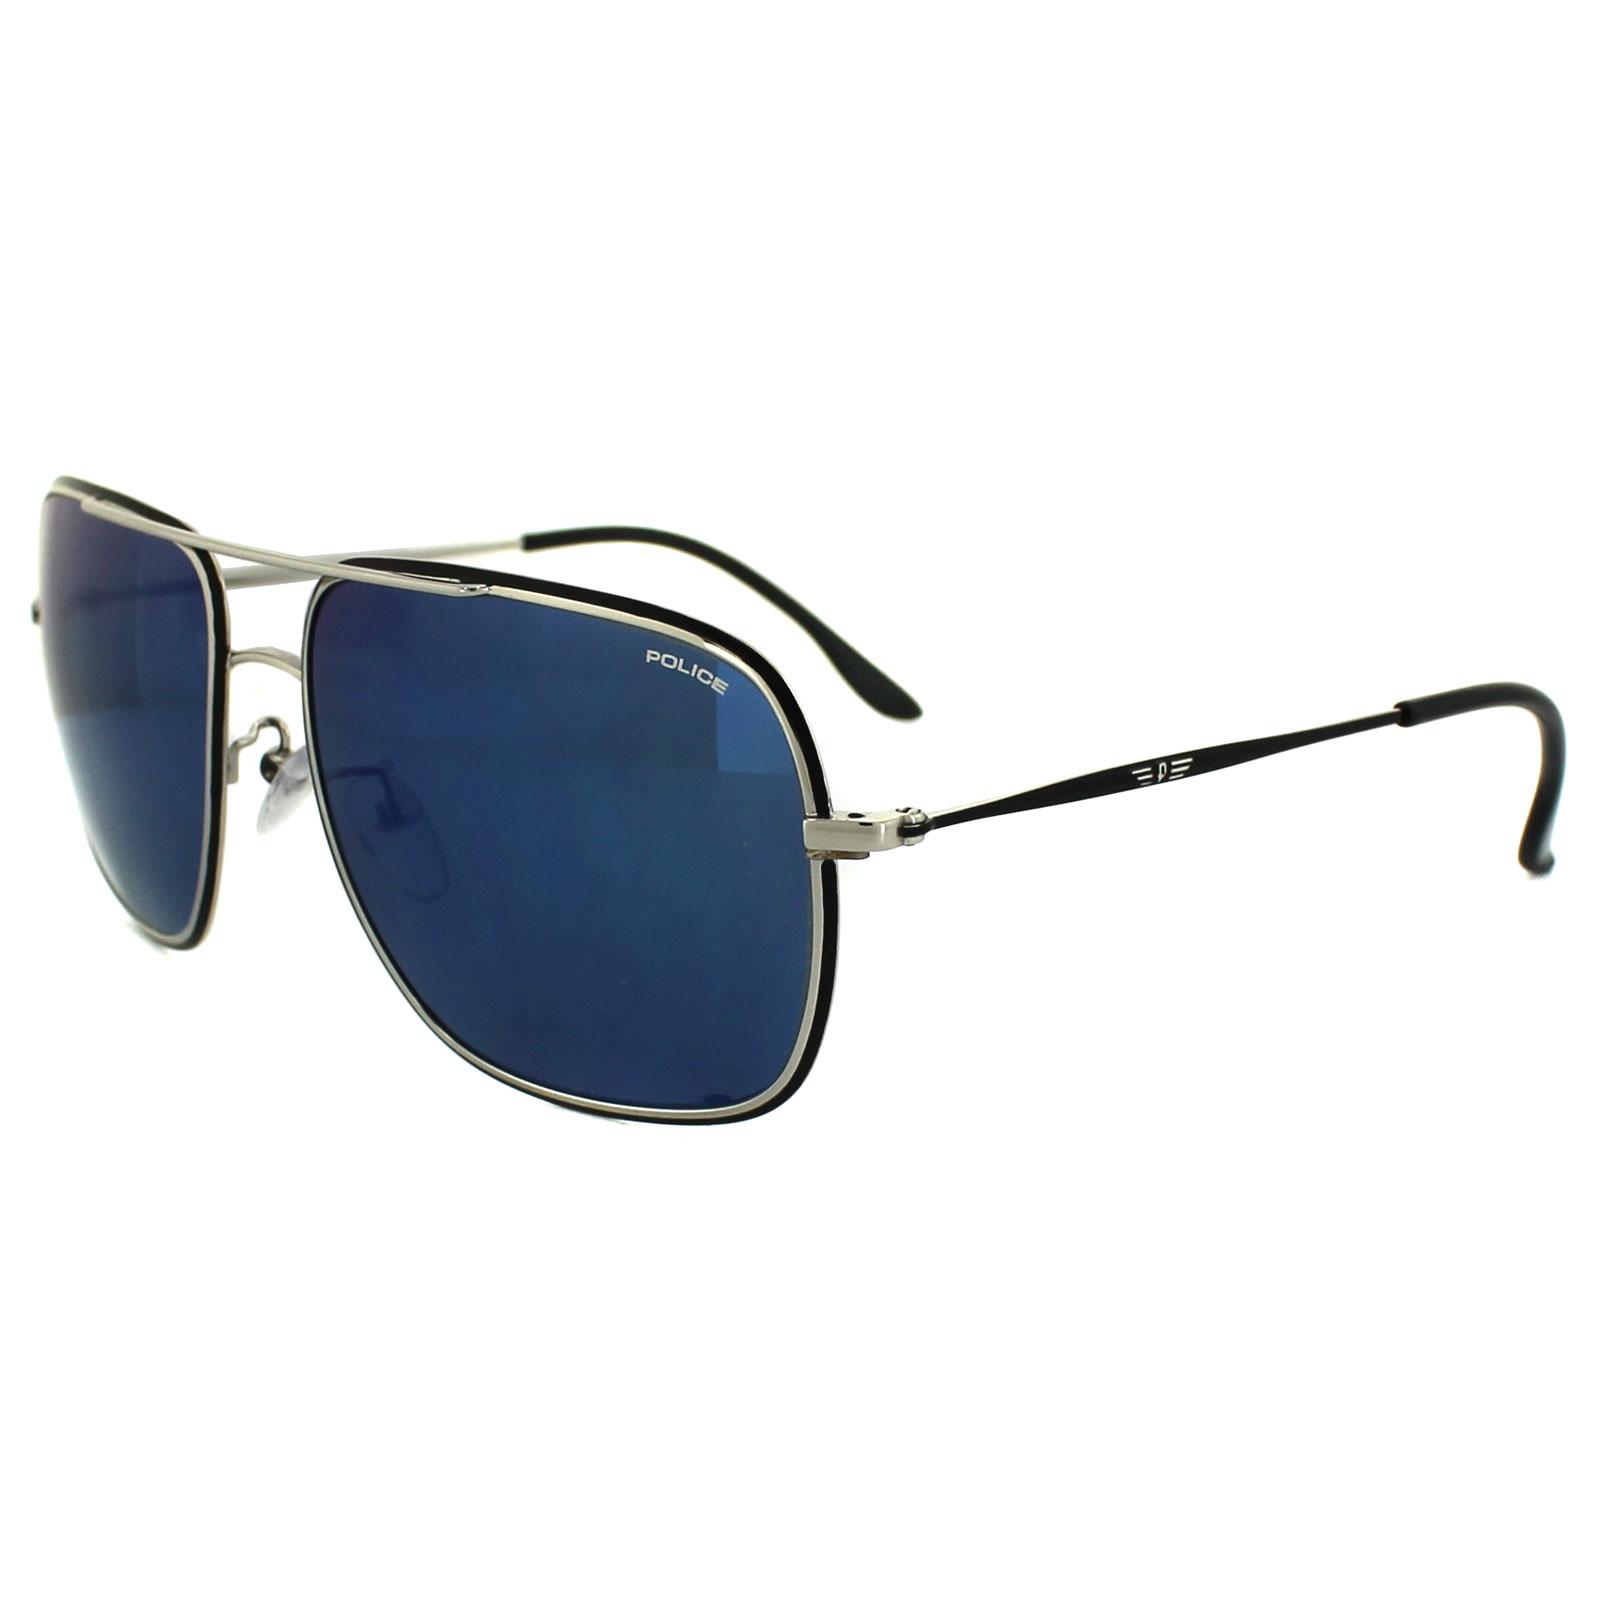 78e5054107 Police Discount Oakley Sunglasses « Heritage Malta